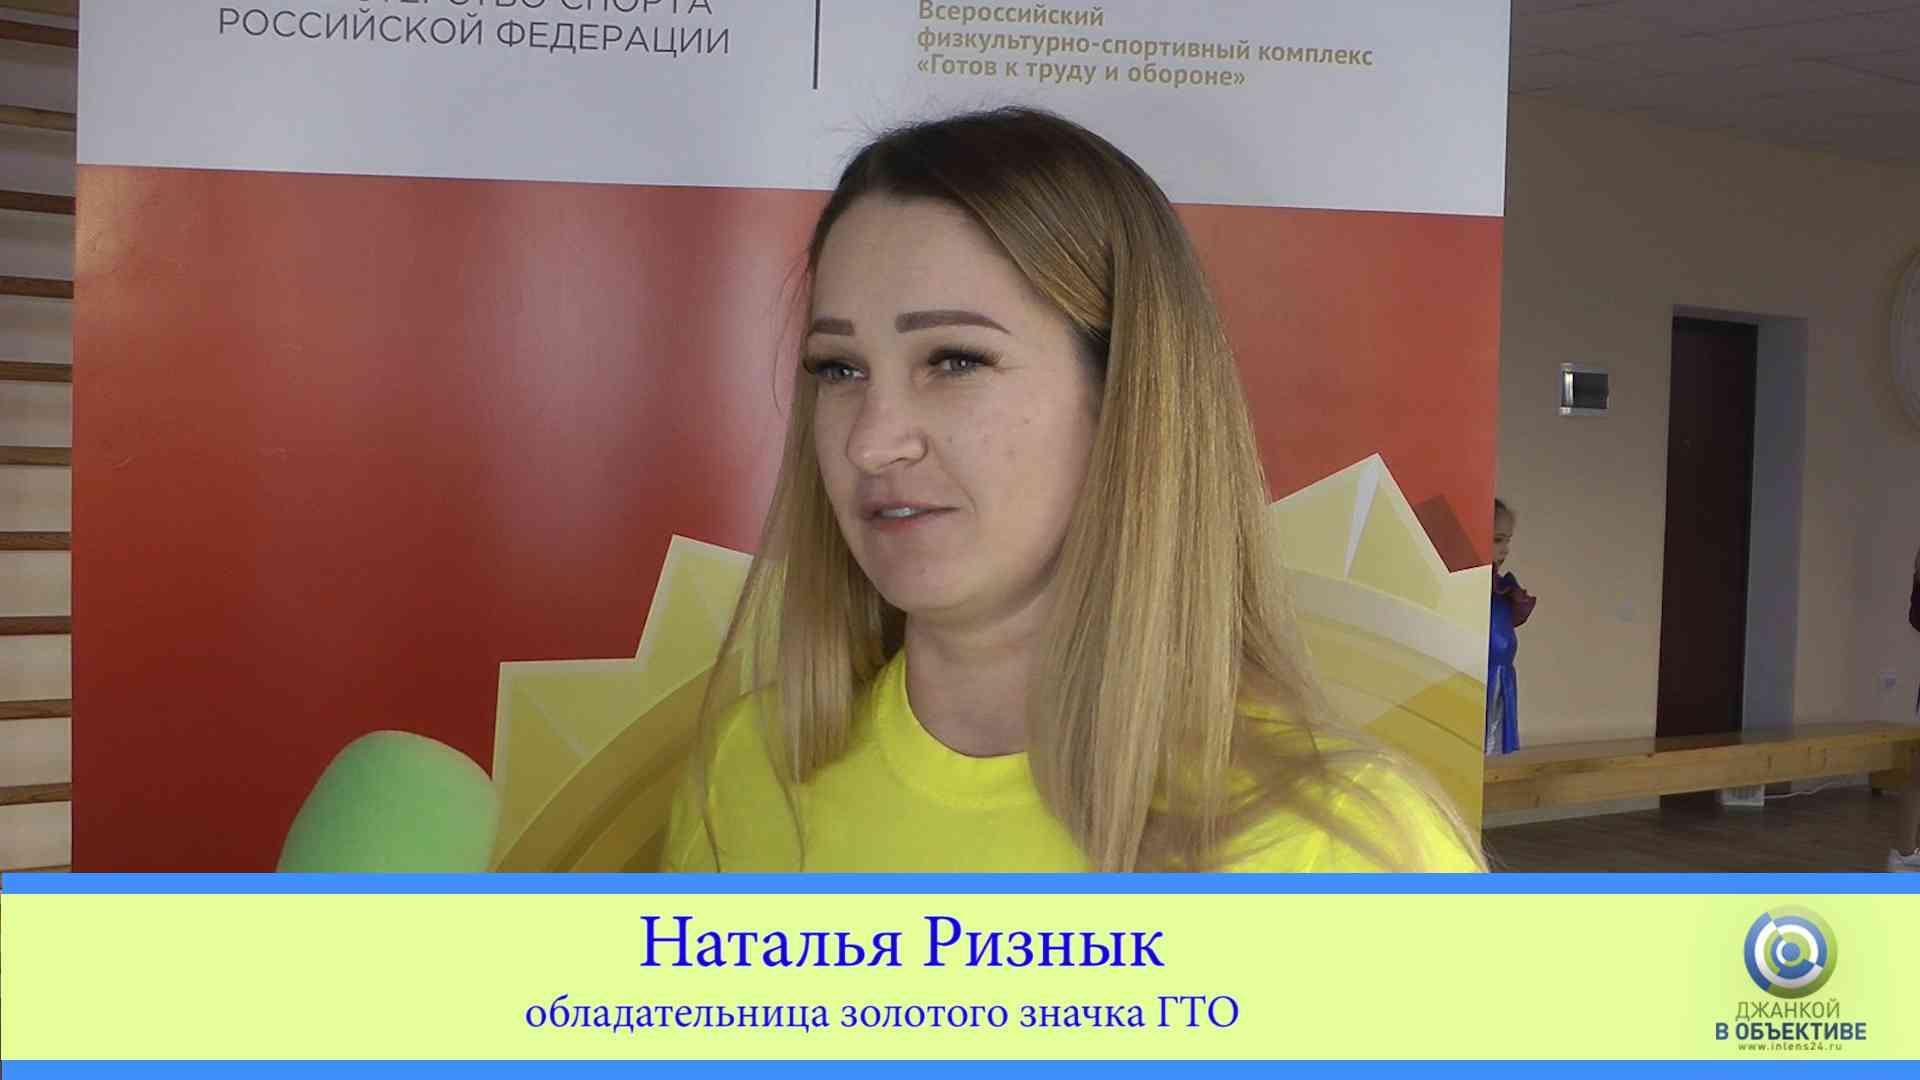 Наталья Ризнык - обладательница з